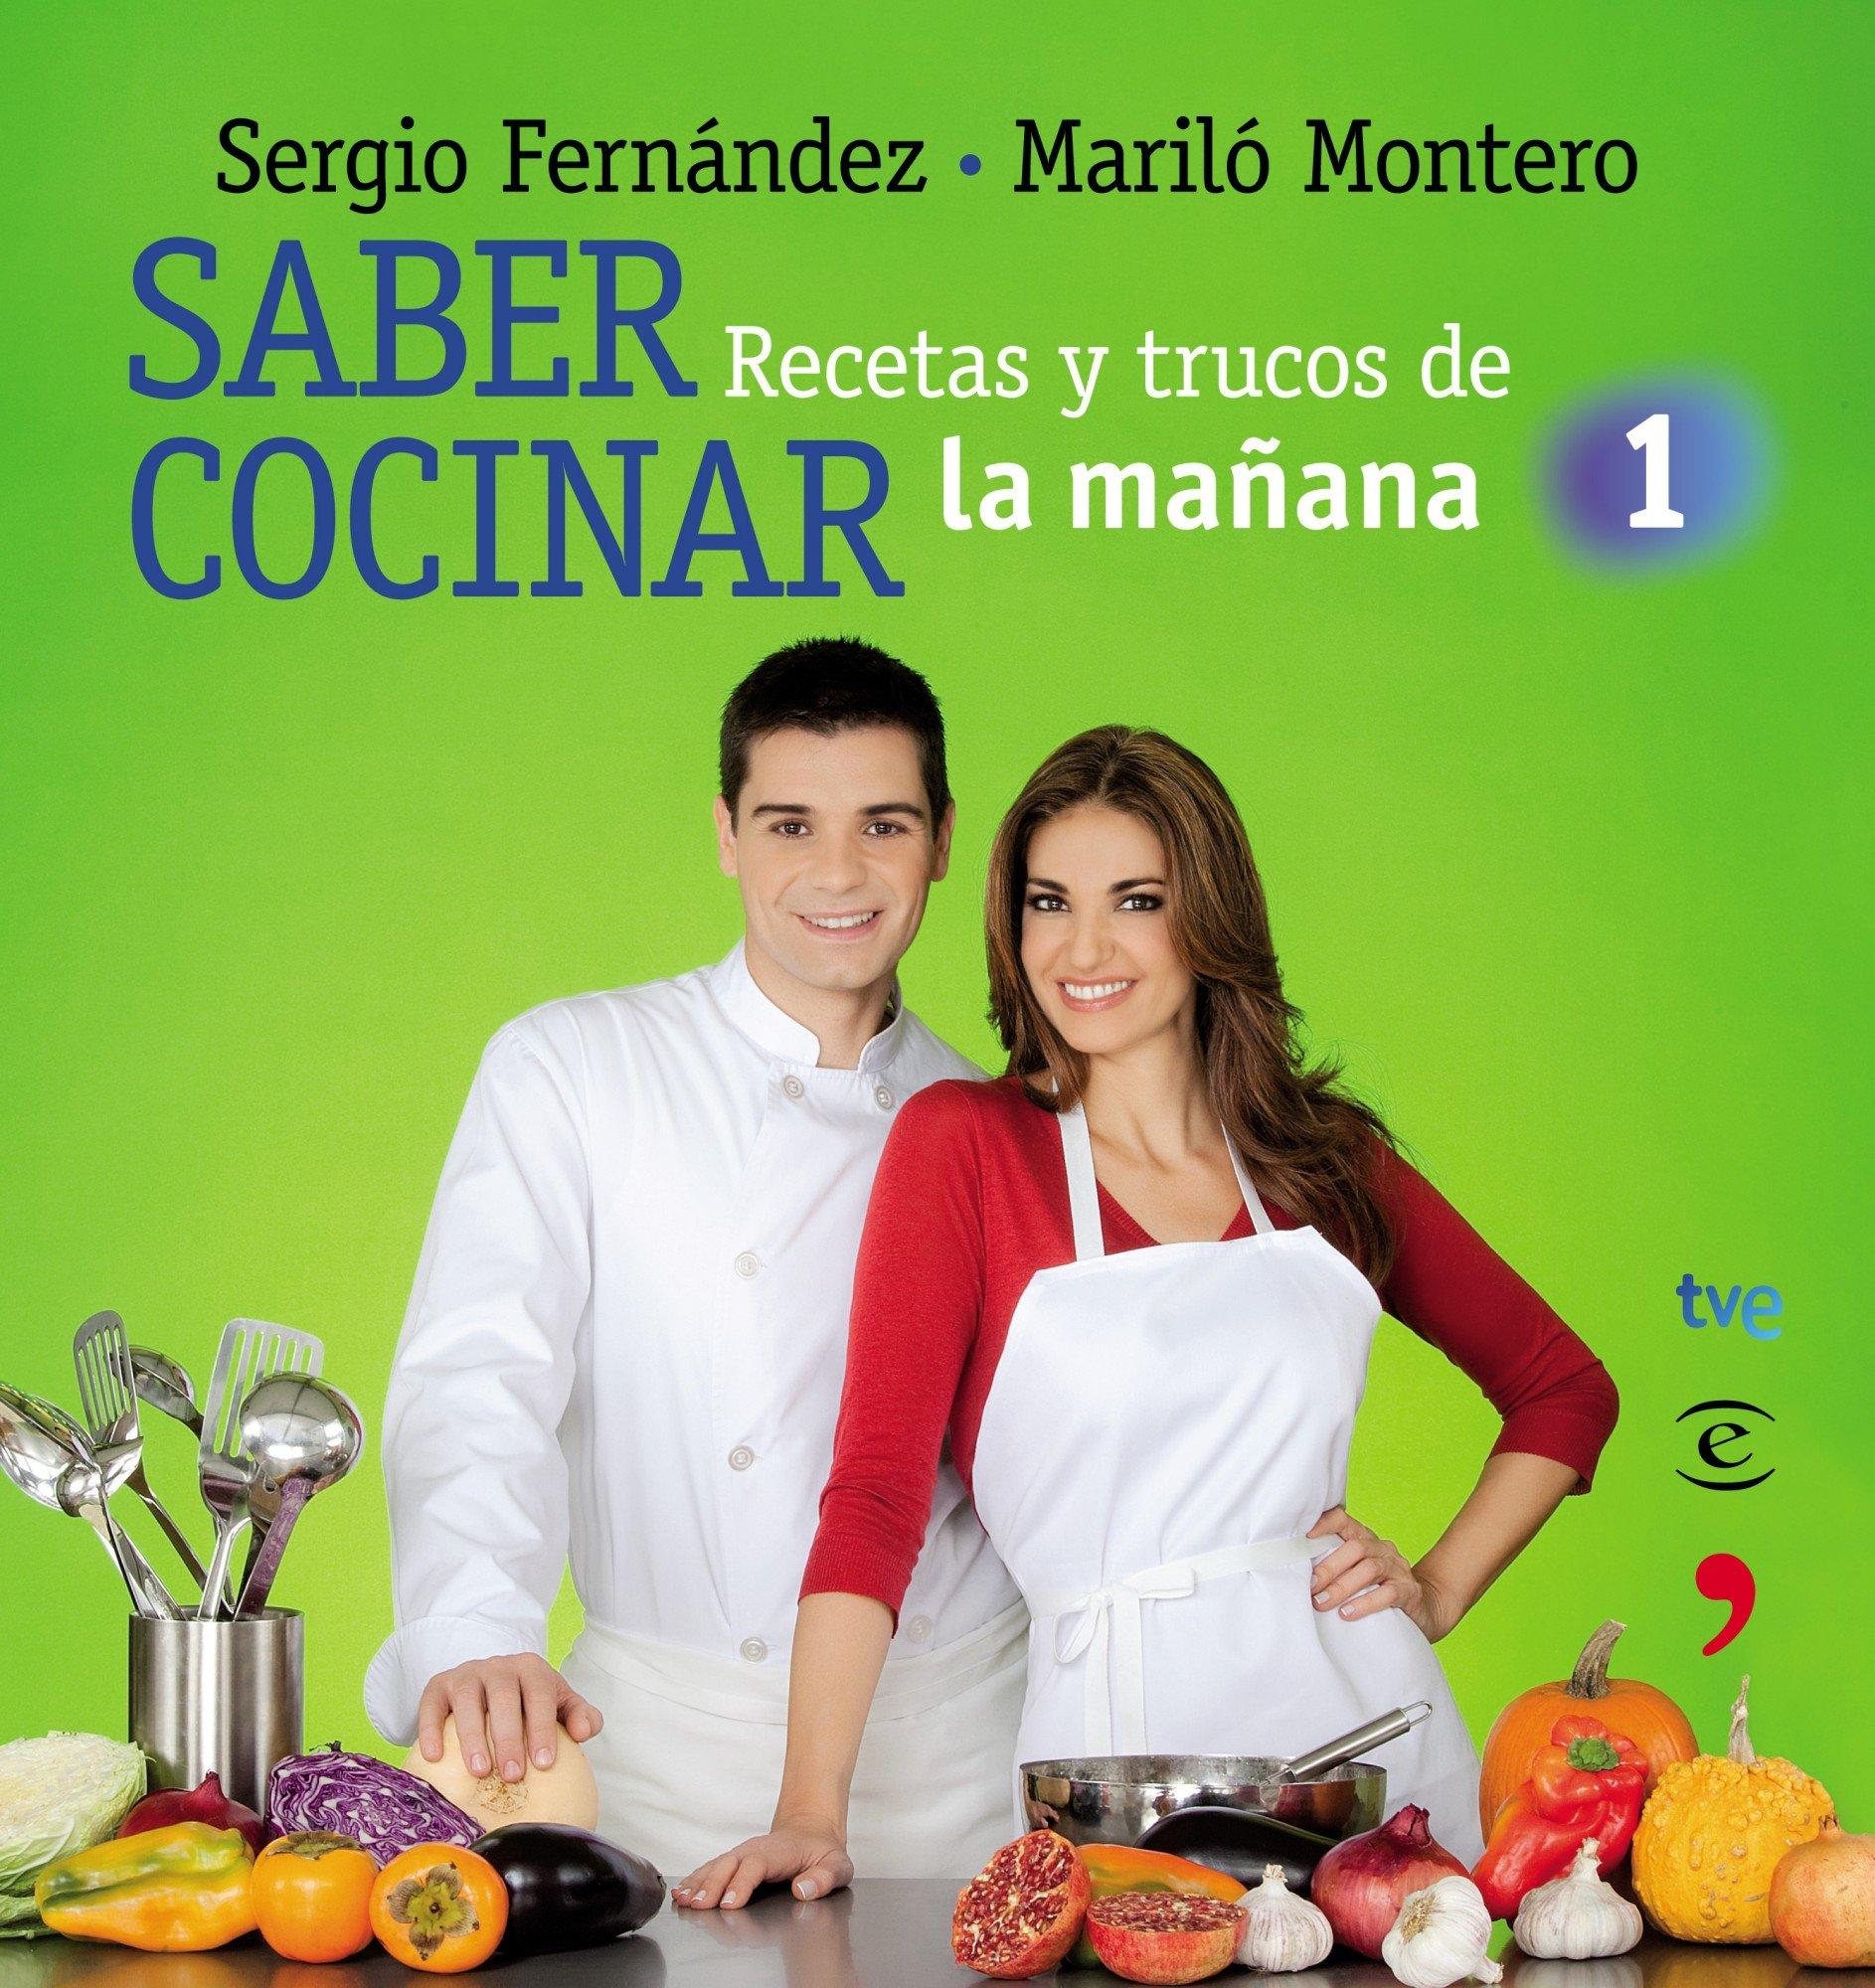 Recetas Cocina Sergio   Saber Cocinar Recetas Y Trucos De La Manana De La 1 Sergio